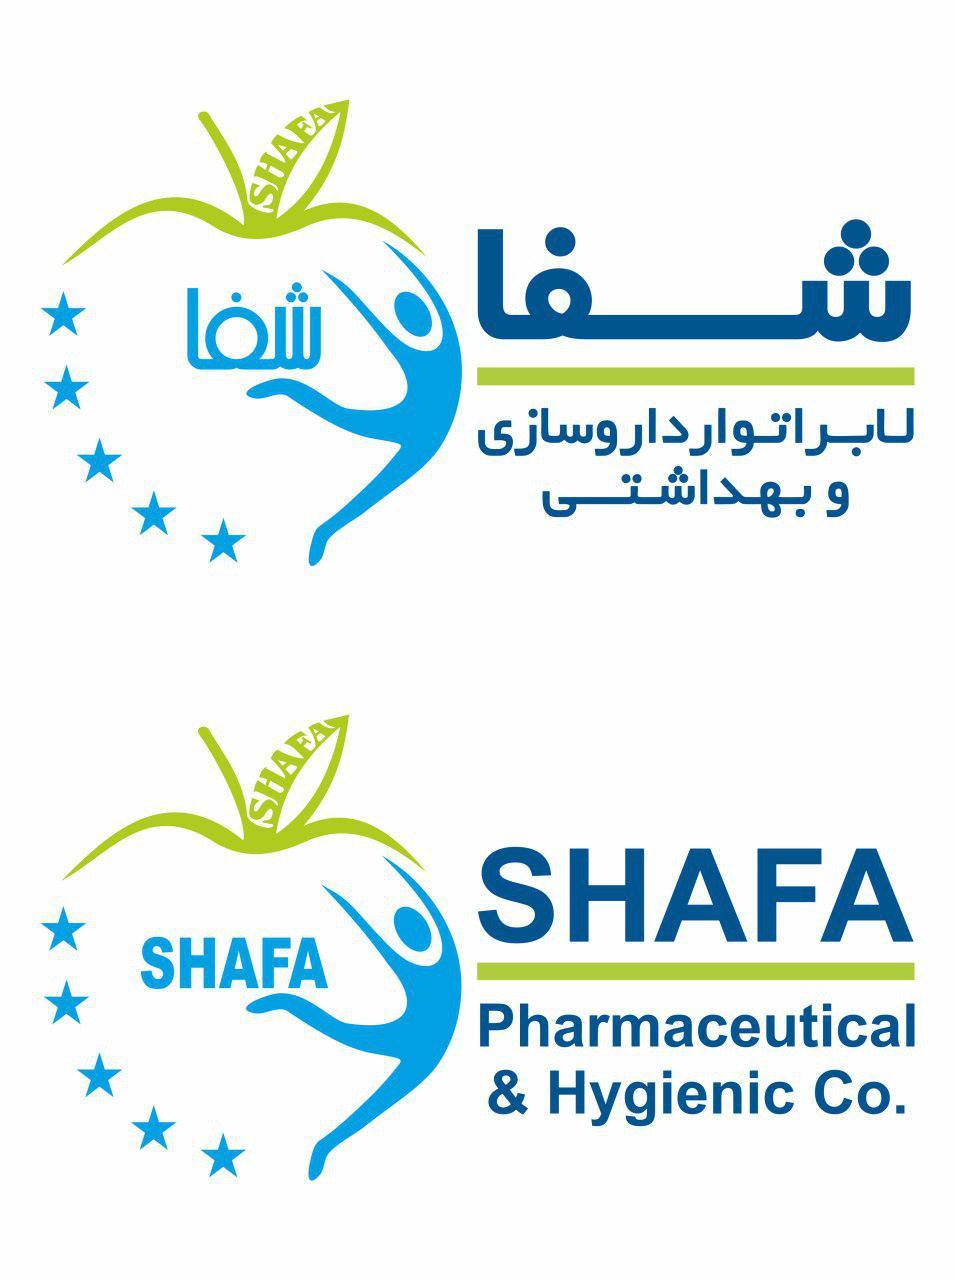 لابراتوار داروسازی و بهداشتی شفا